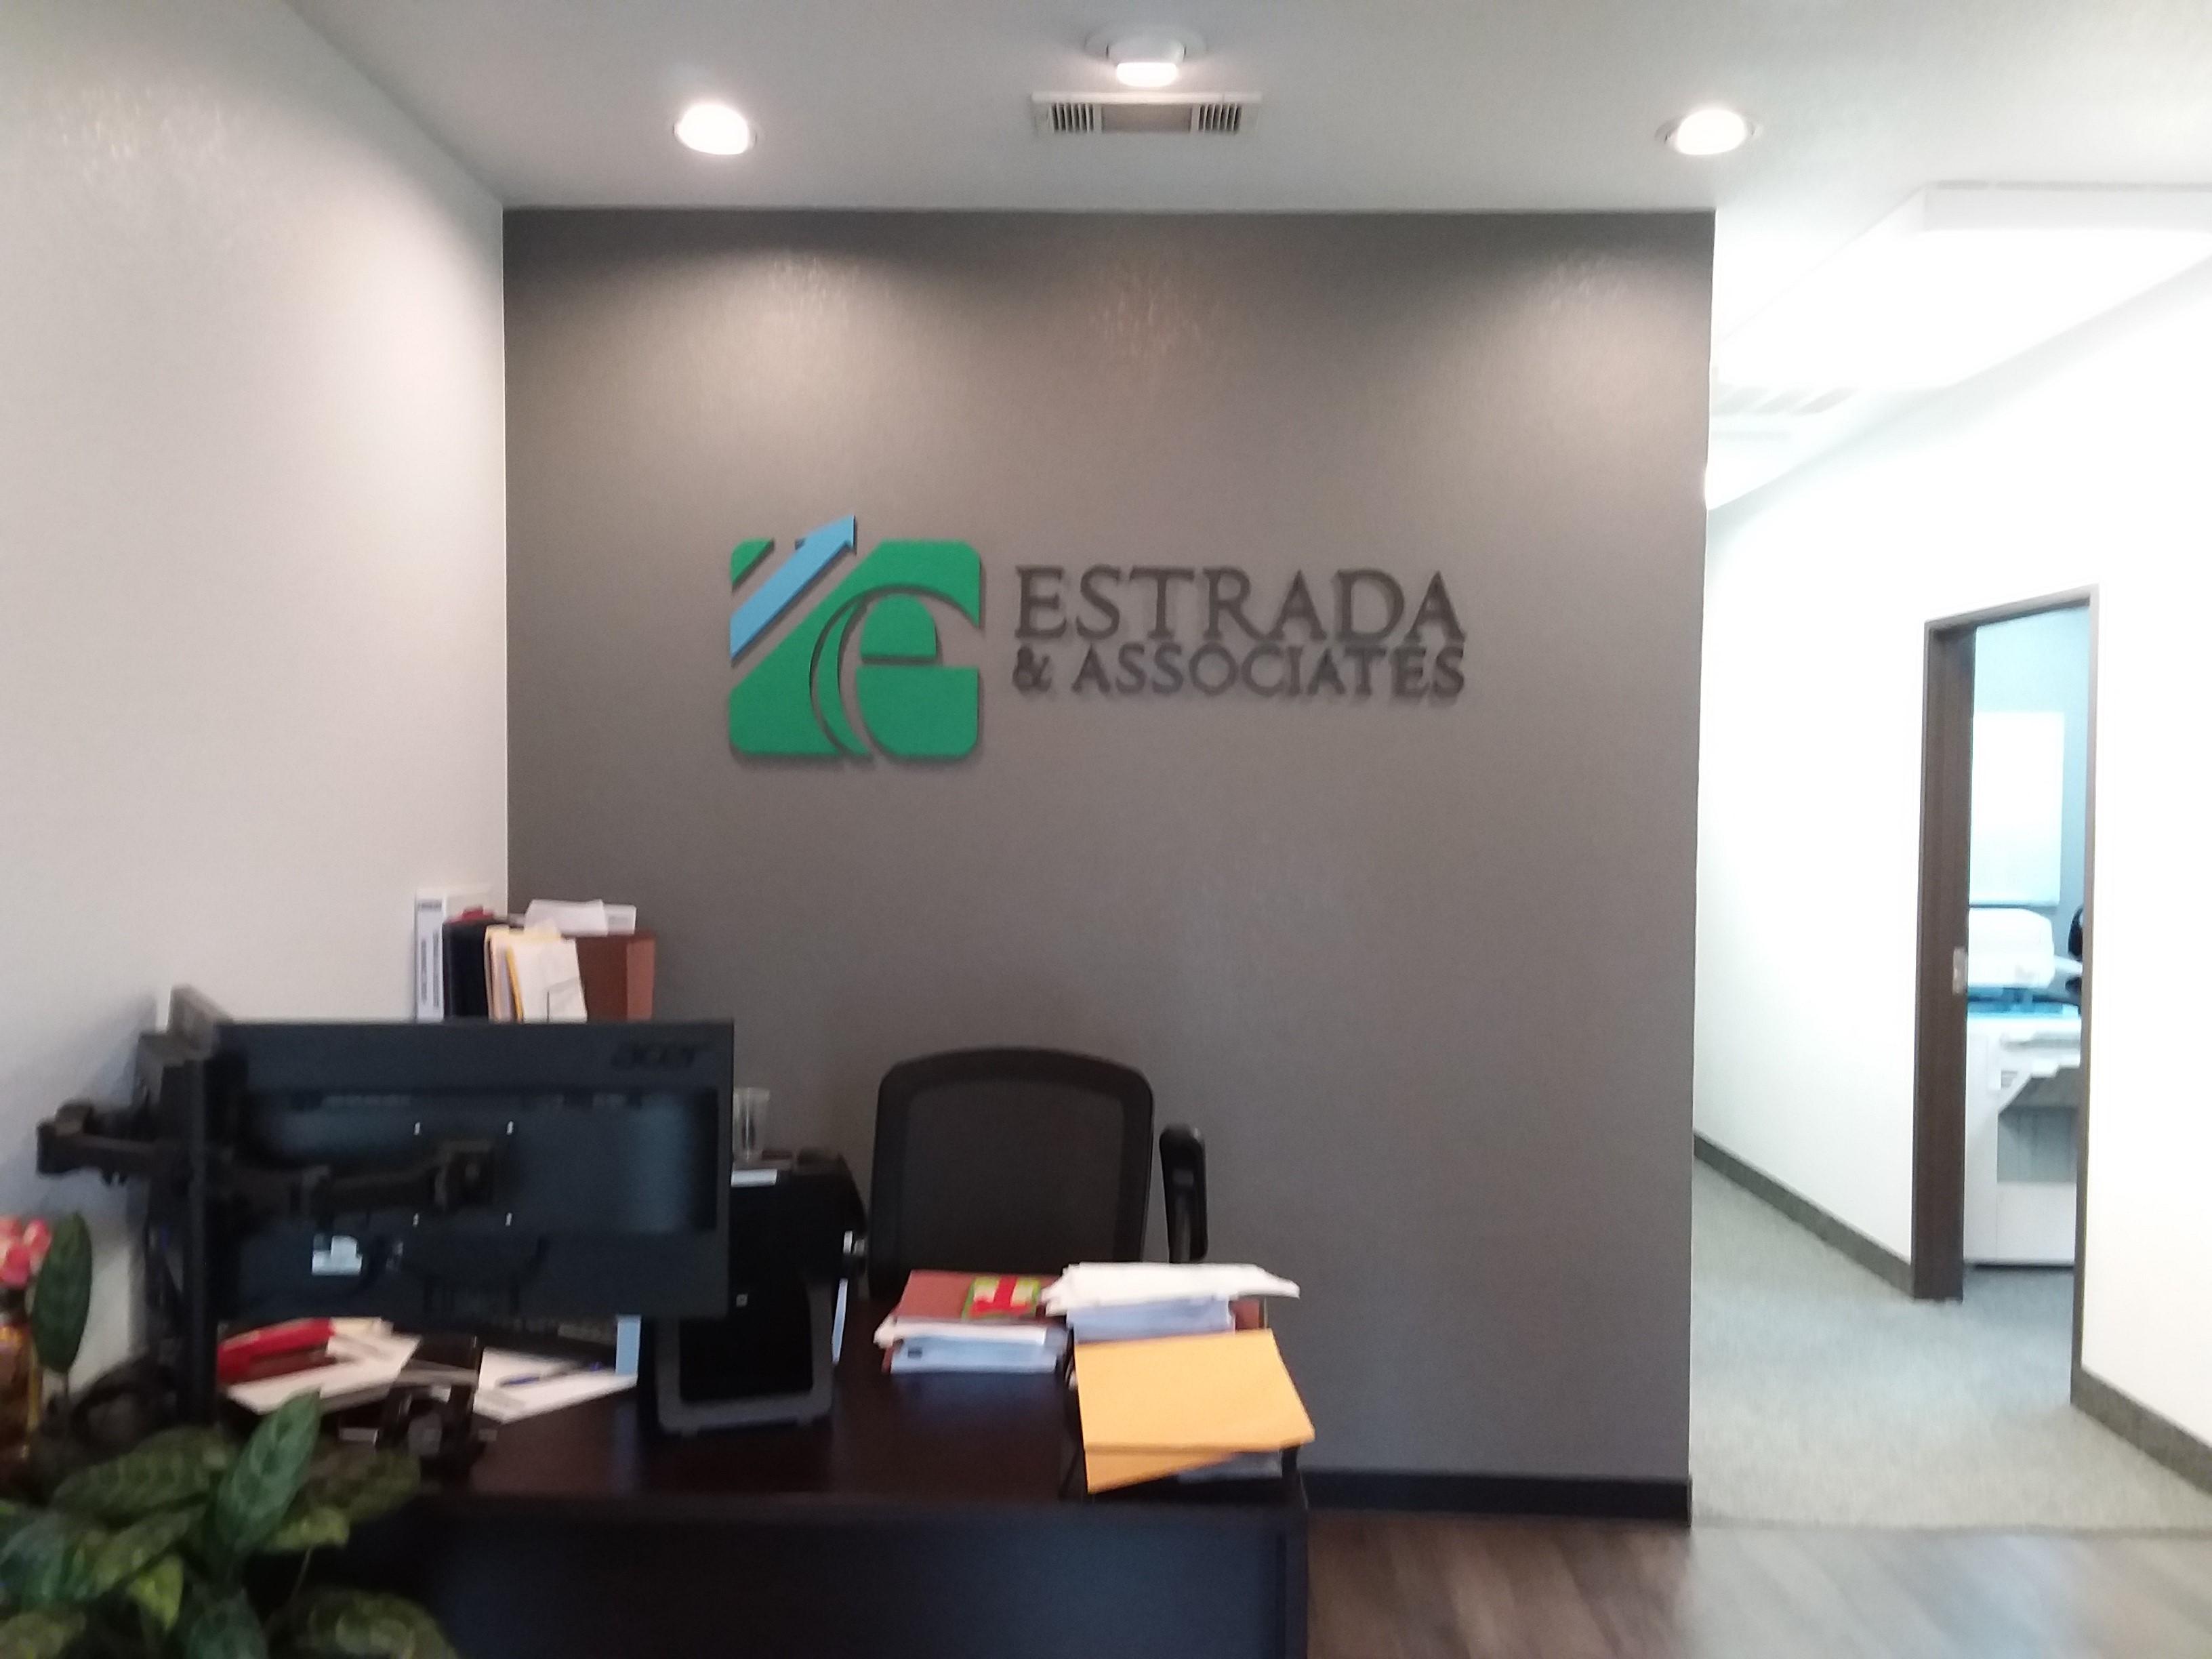 Estrada & Associates, LLC image 2